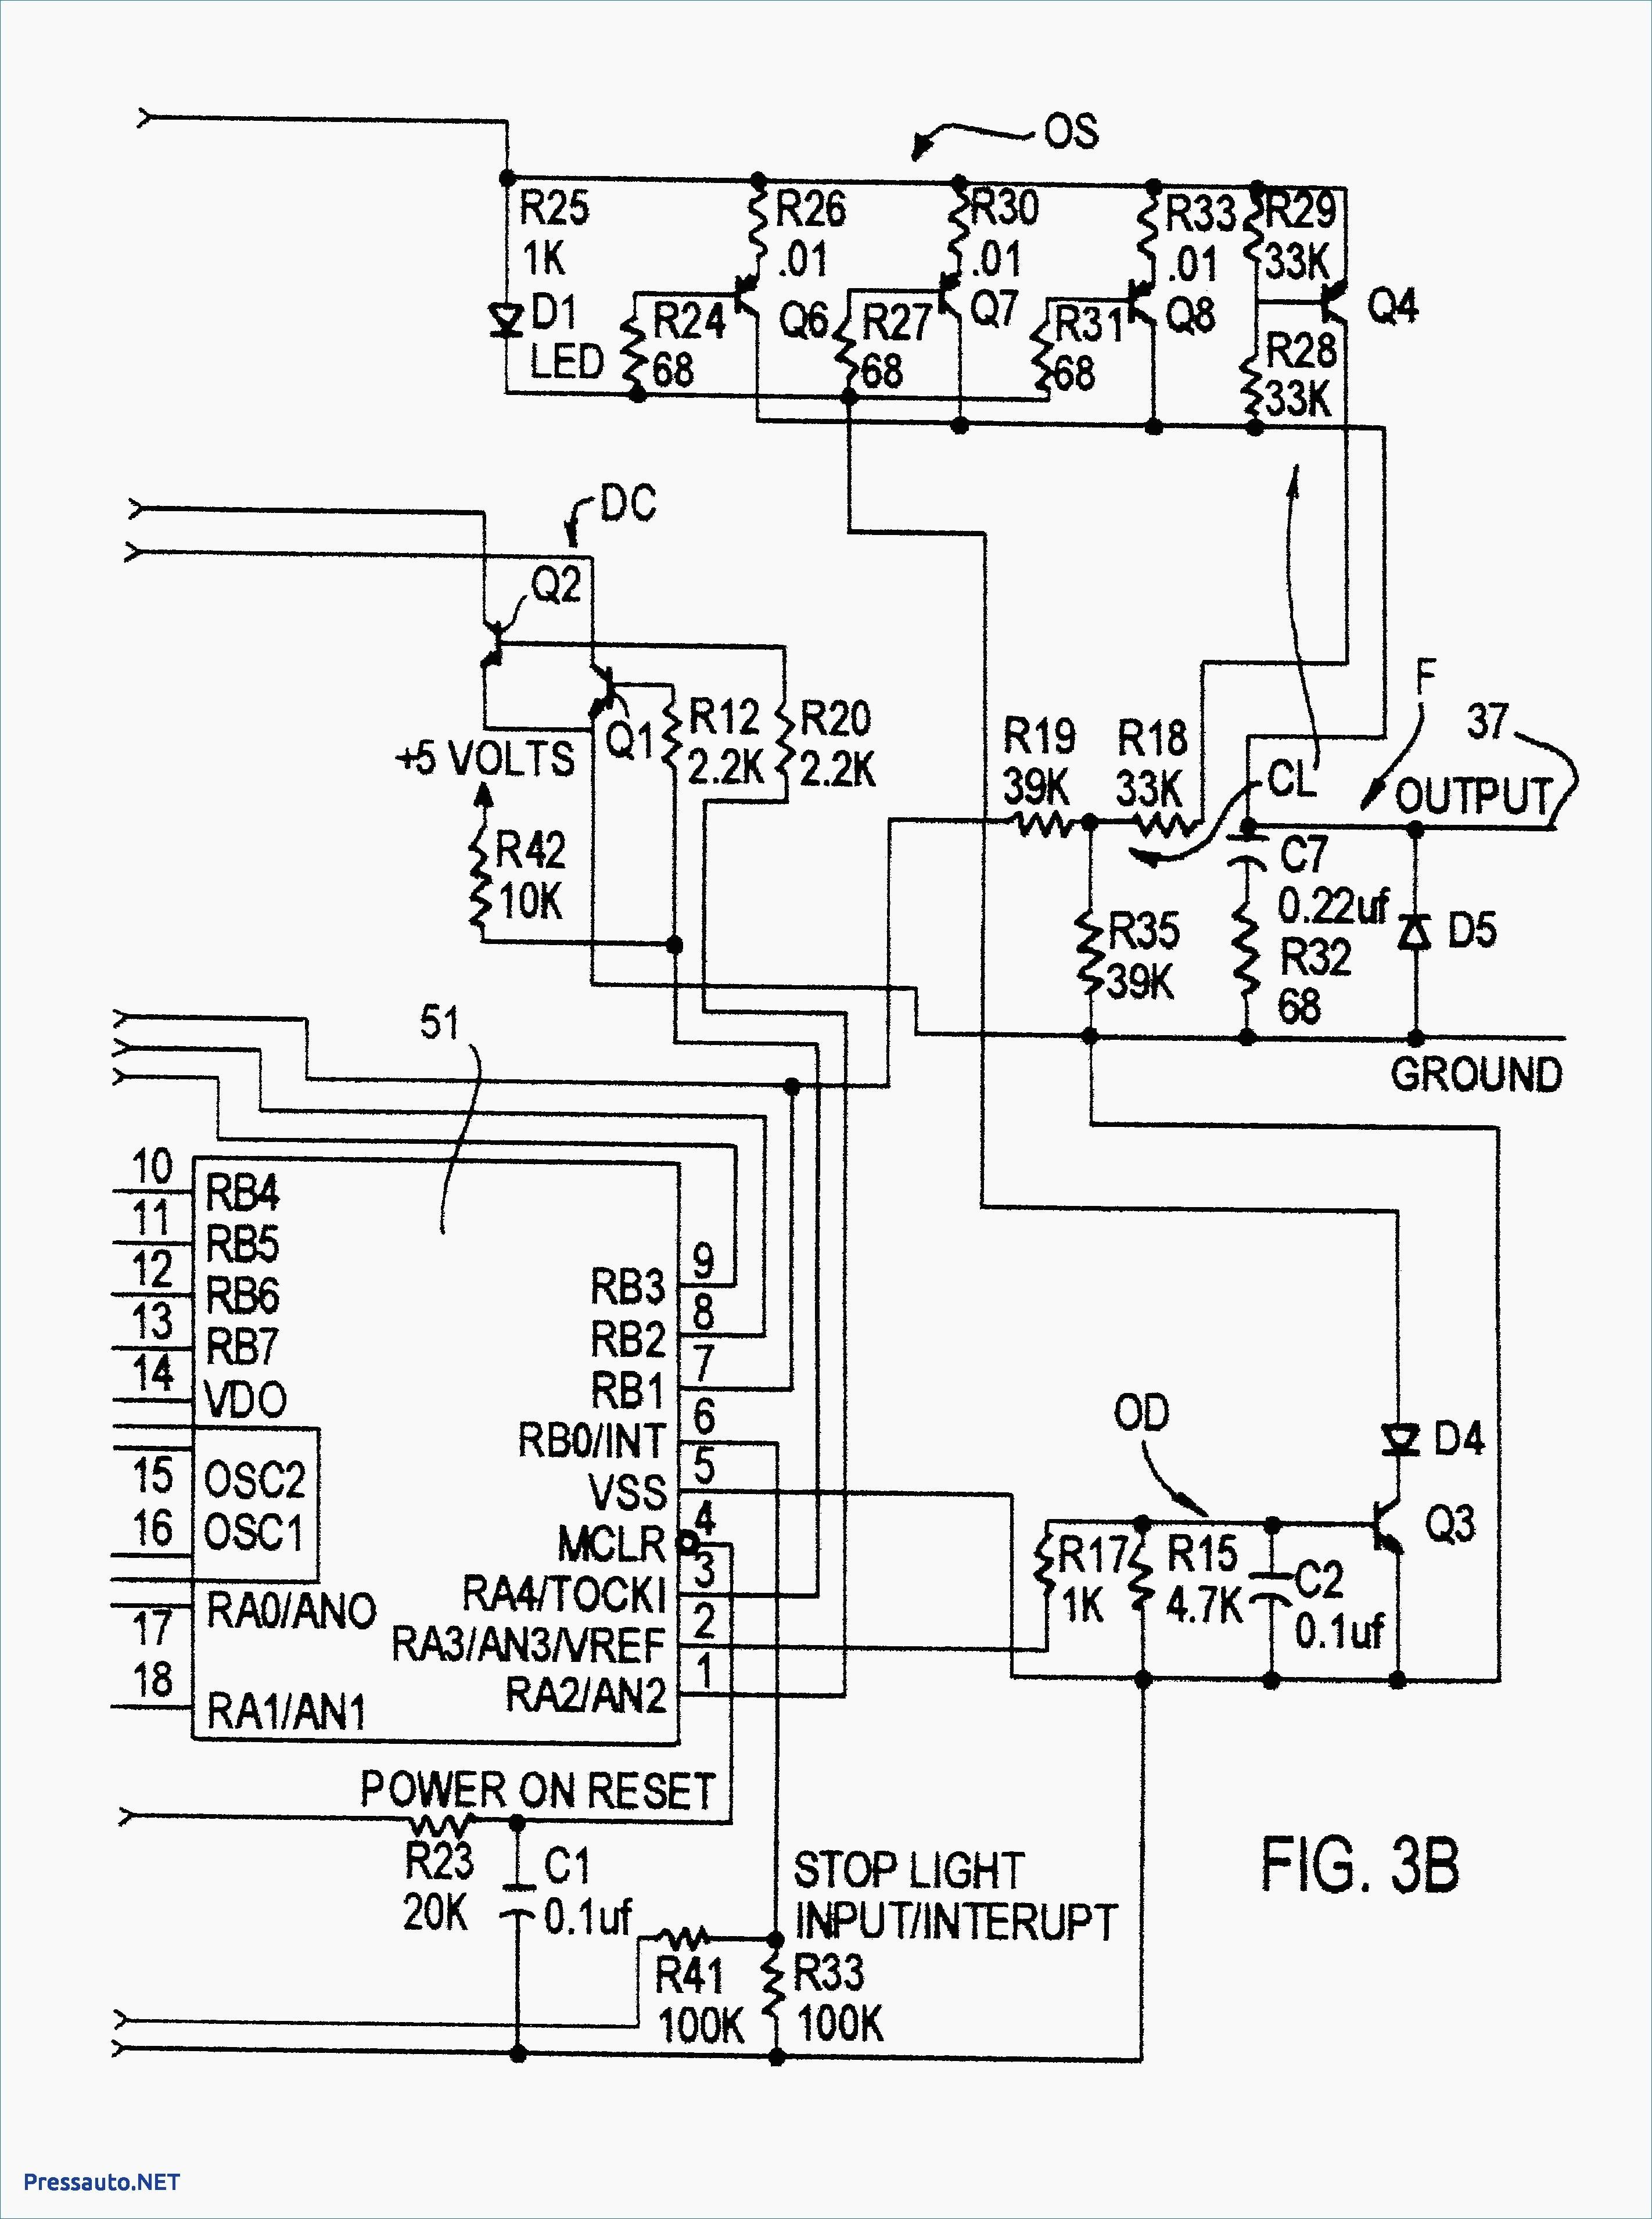 Qd Control Box Wiring Diagram] Franklin Electric Control Box Wiring Diagram Full Of Qd Control Box Wiring